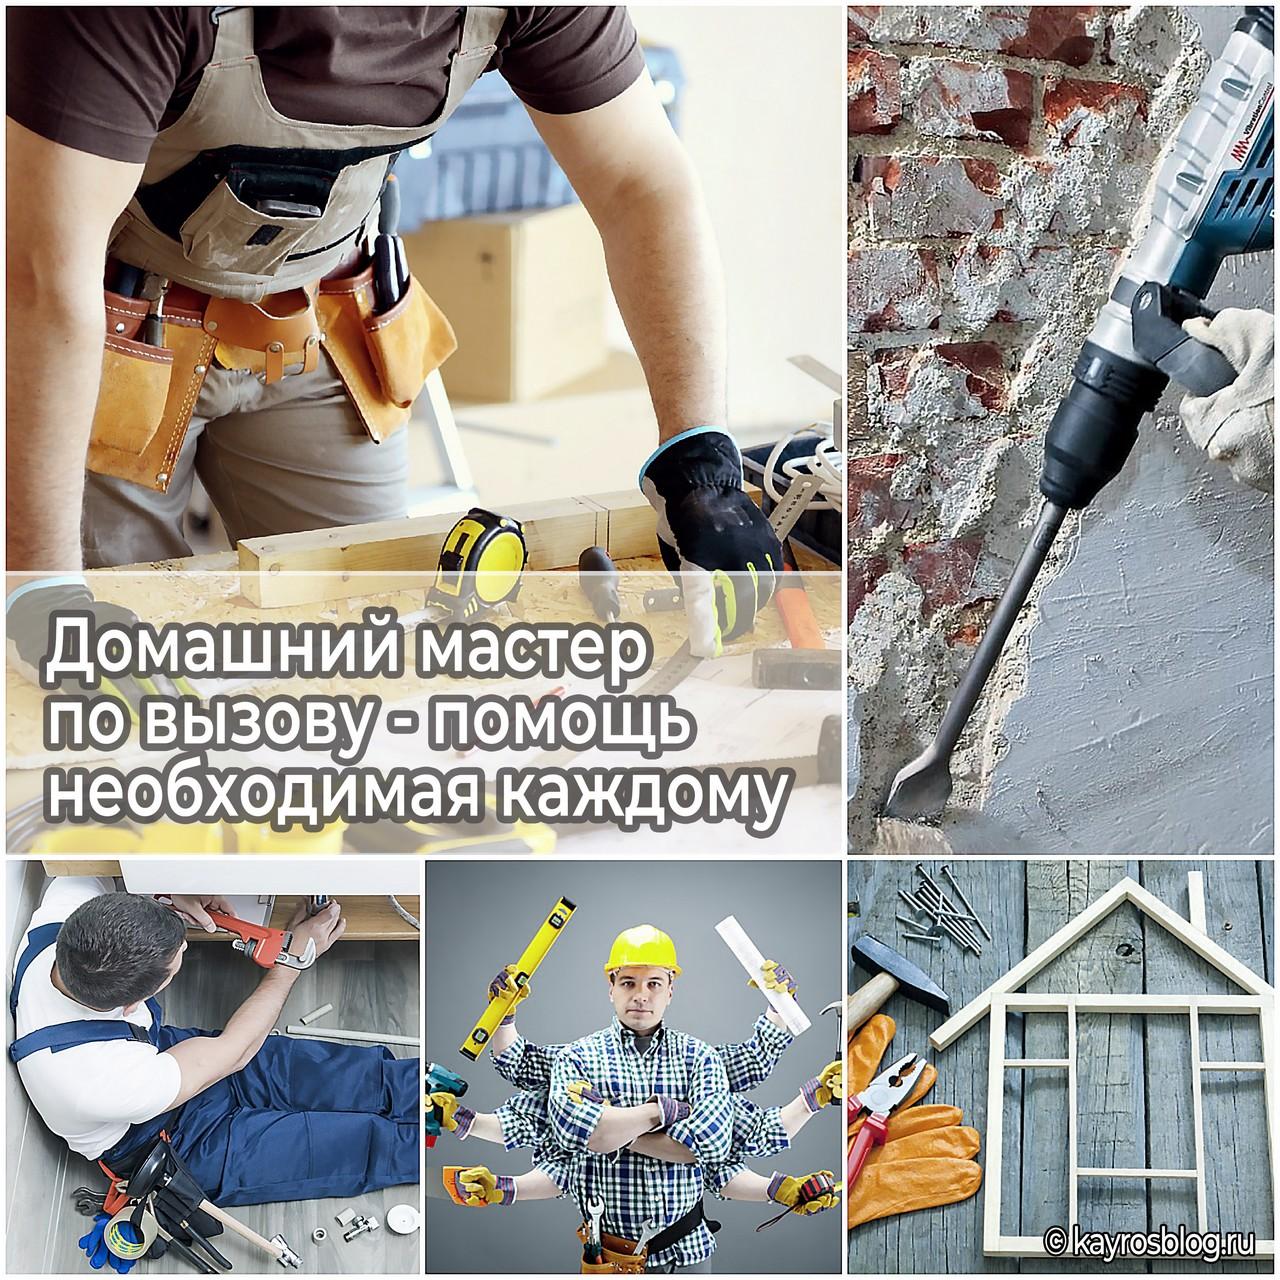 Домашний мастер по вызову - помощь необходимая каждому